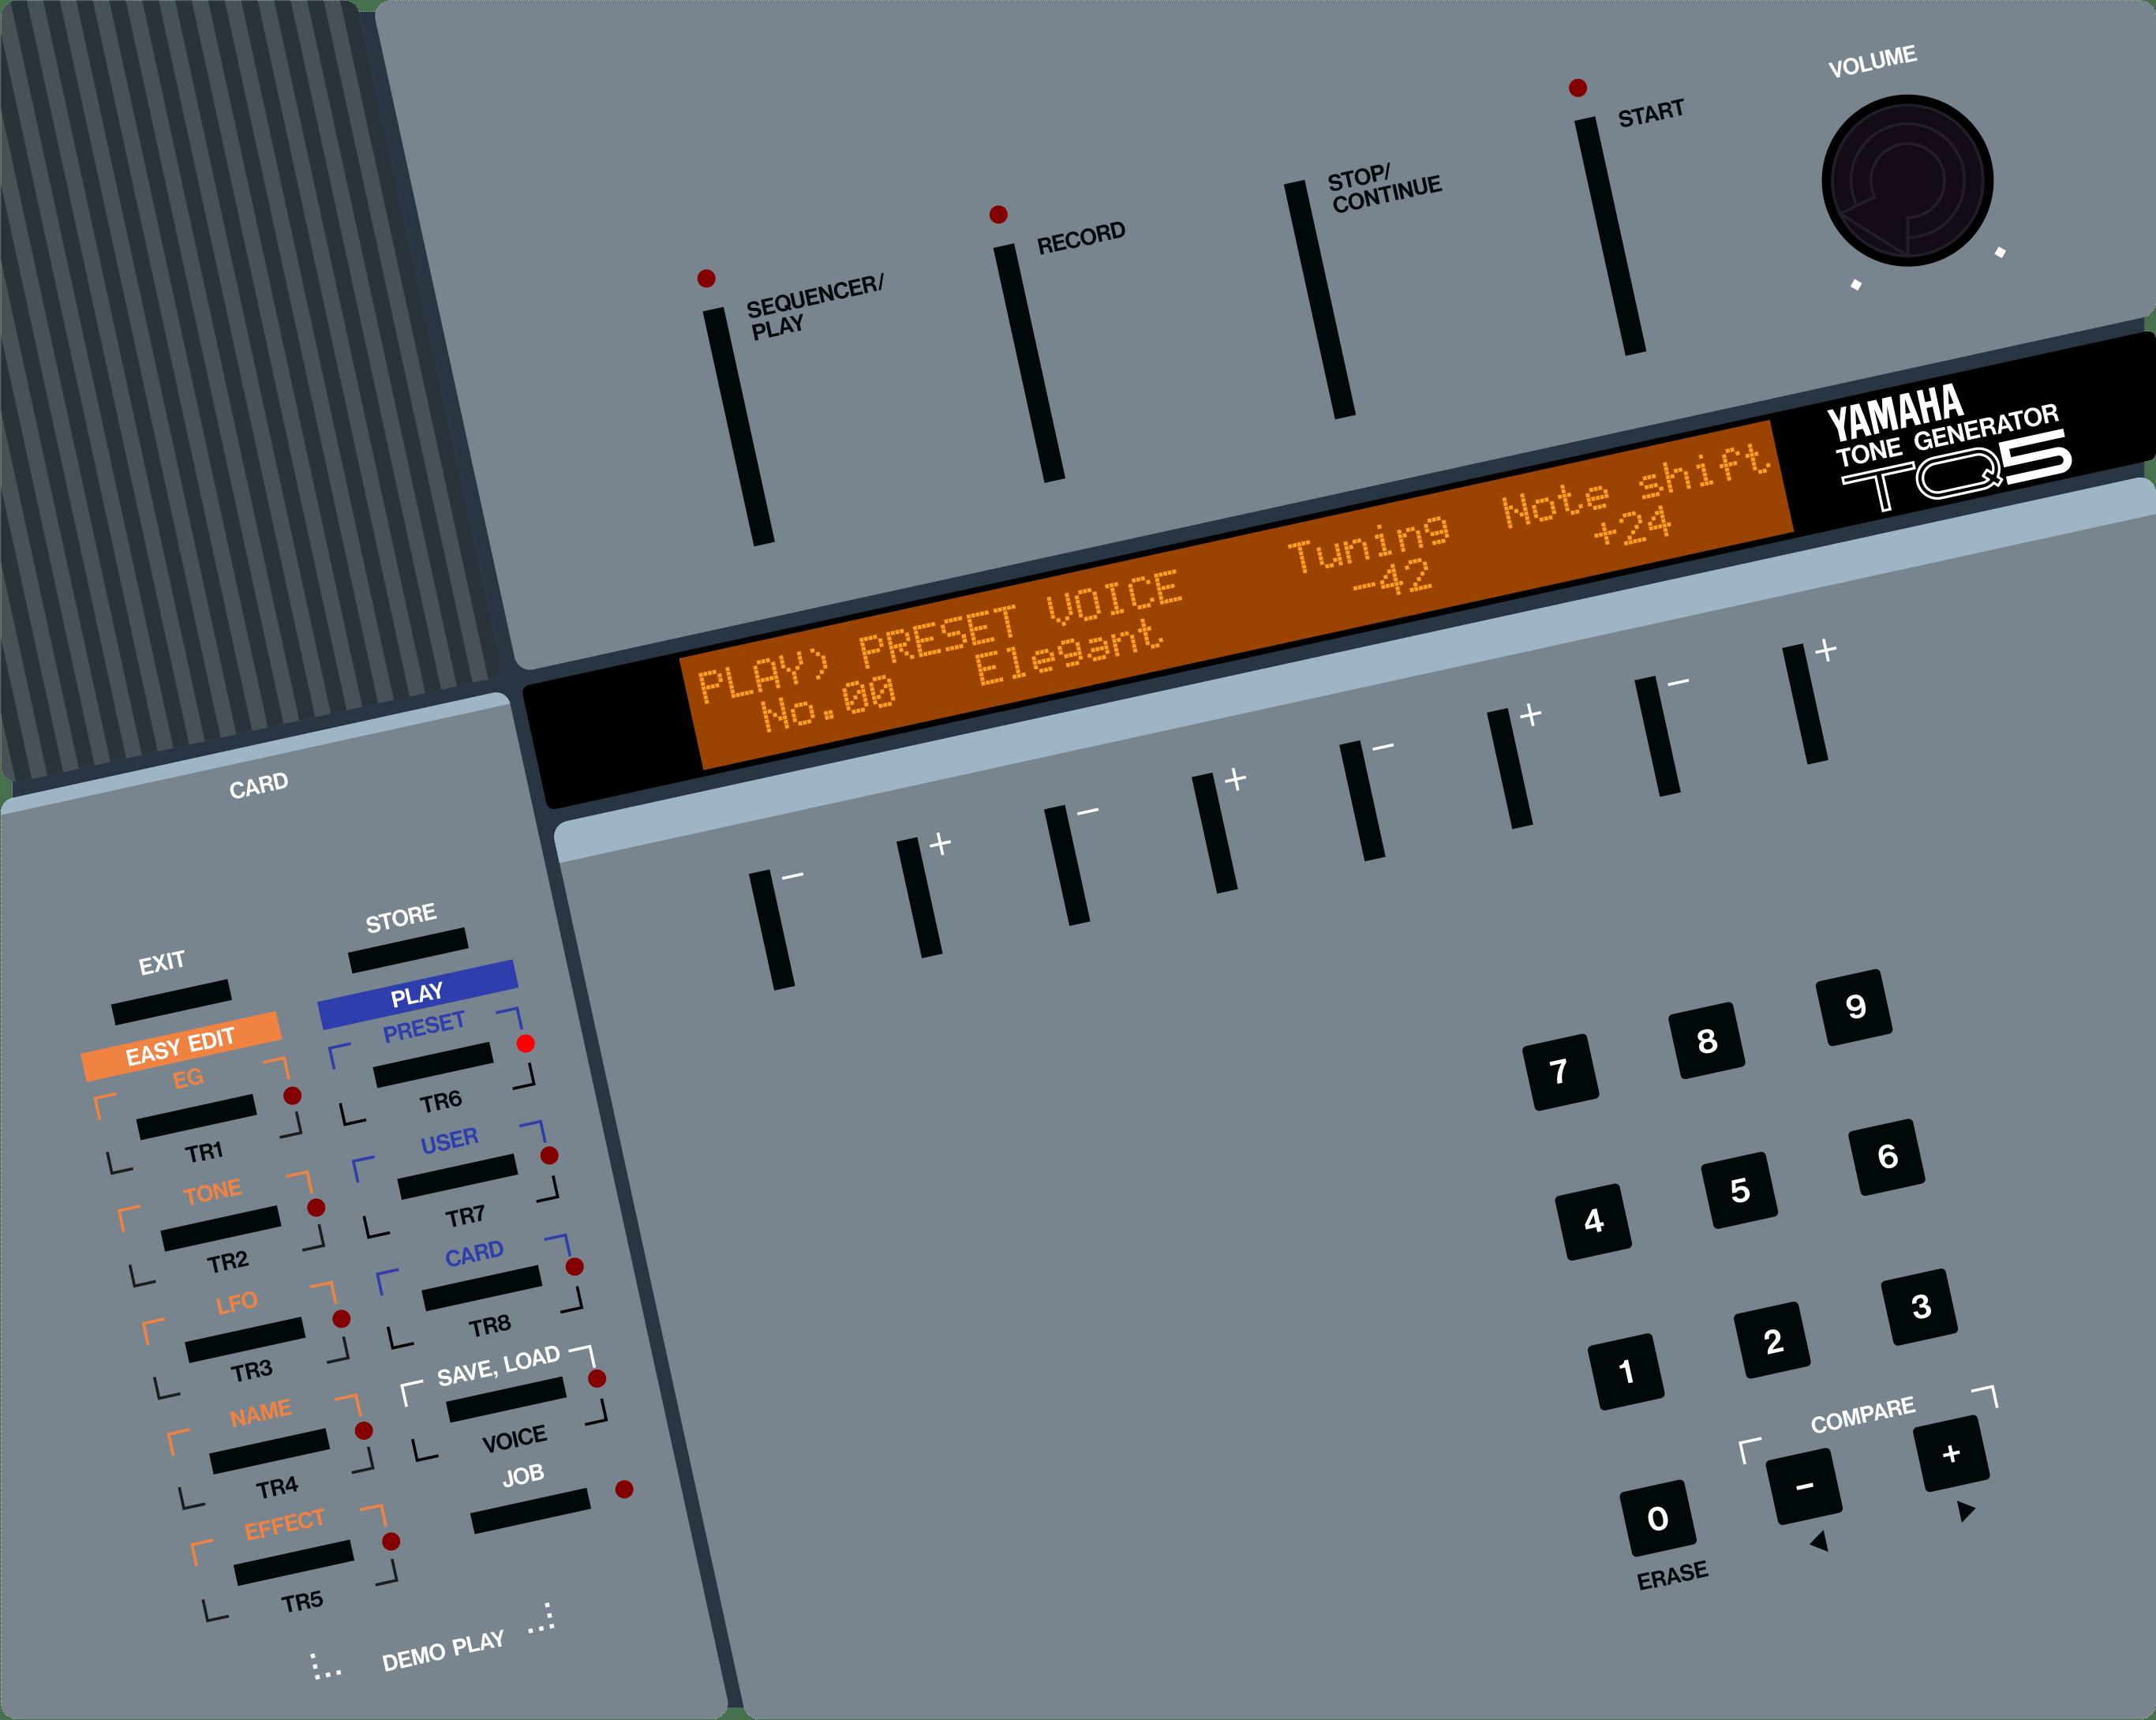 Yamaha TQ5 tone generator FM